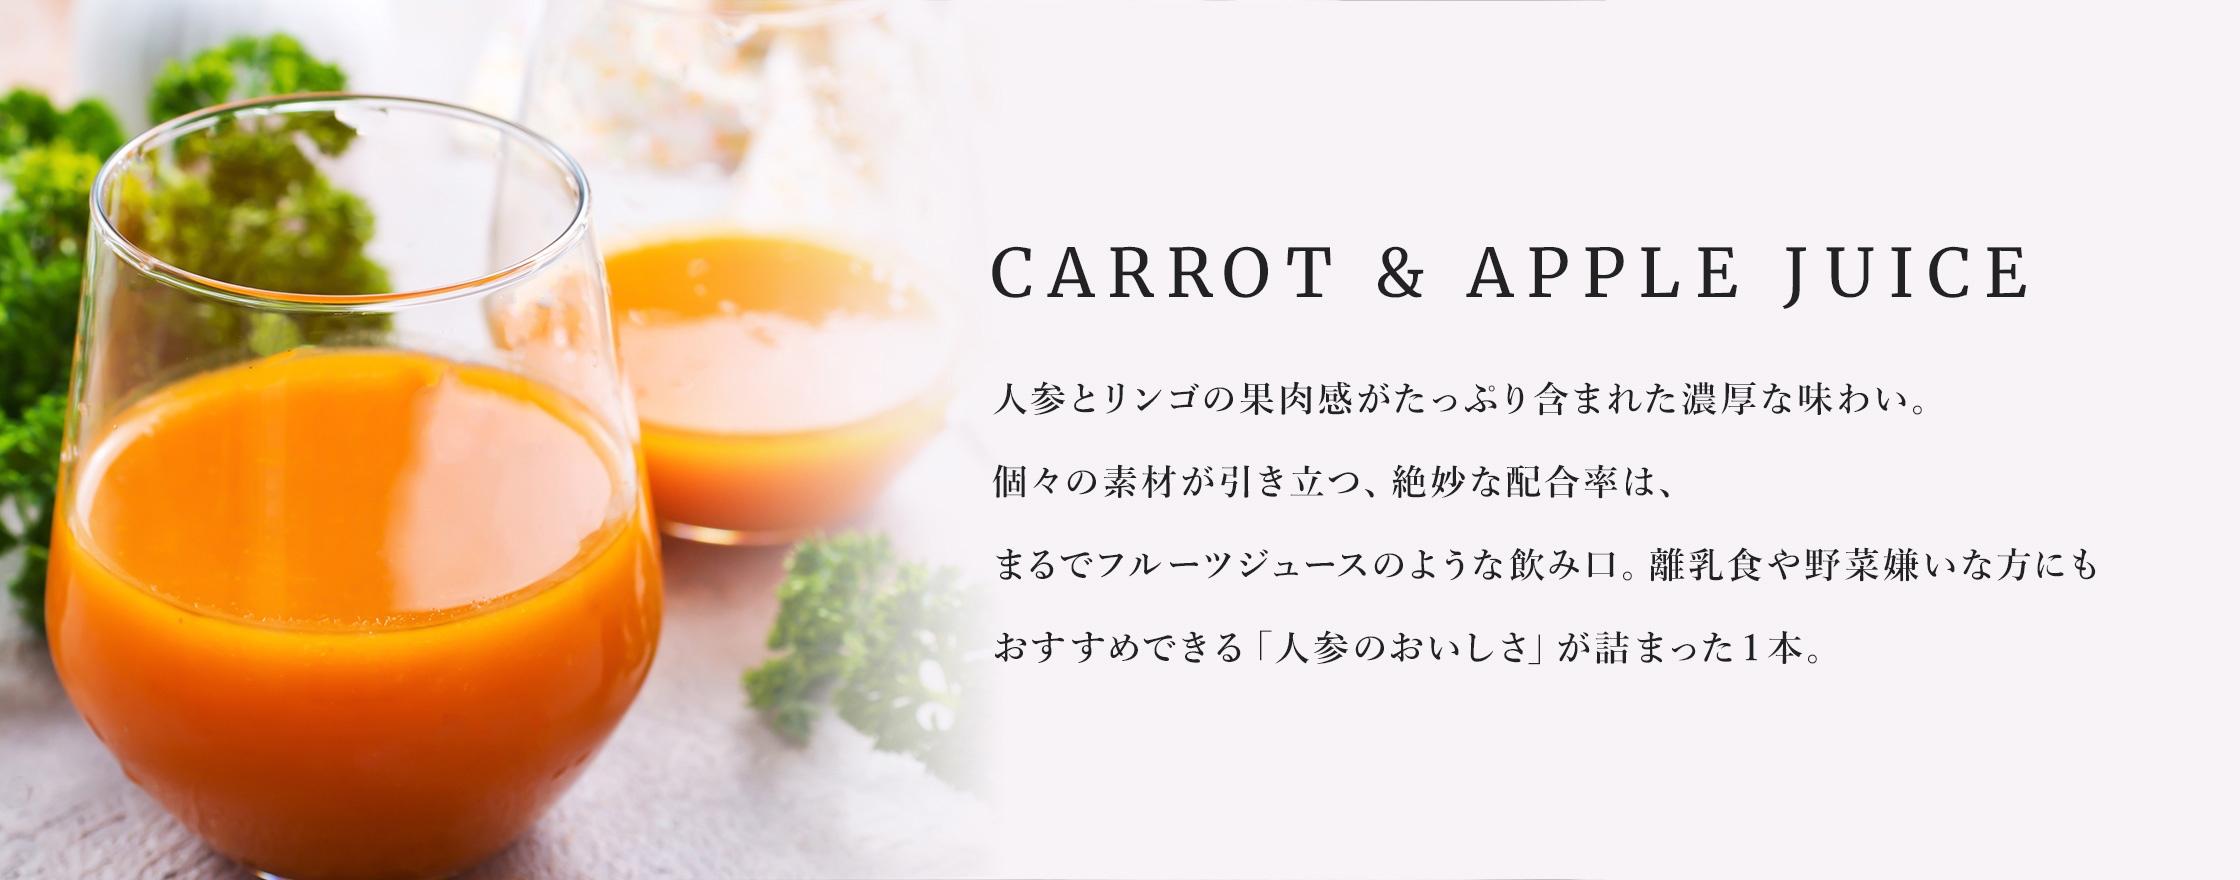 CARROT & APPLE JUICE